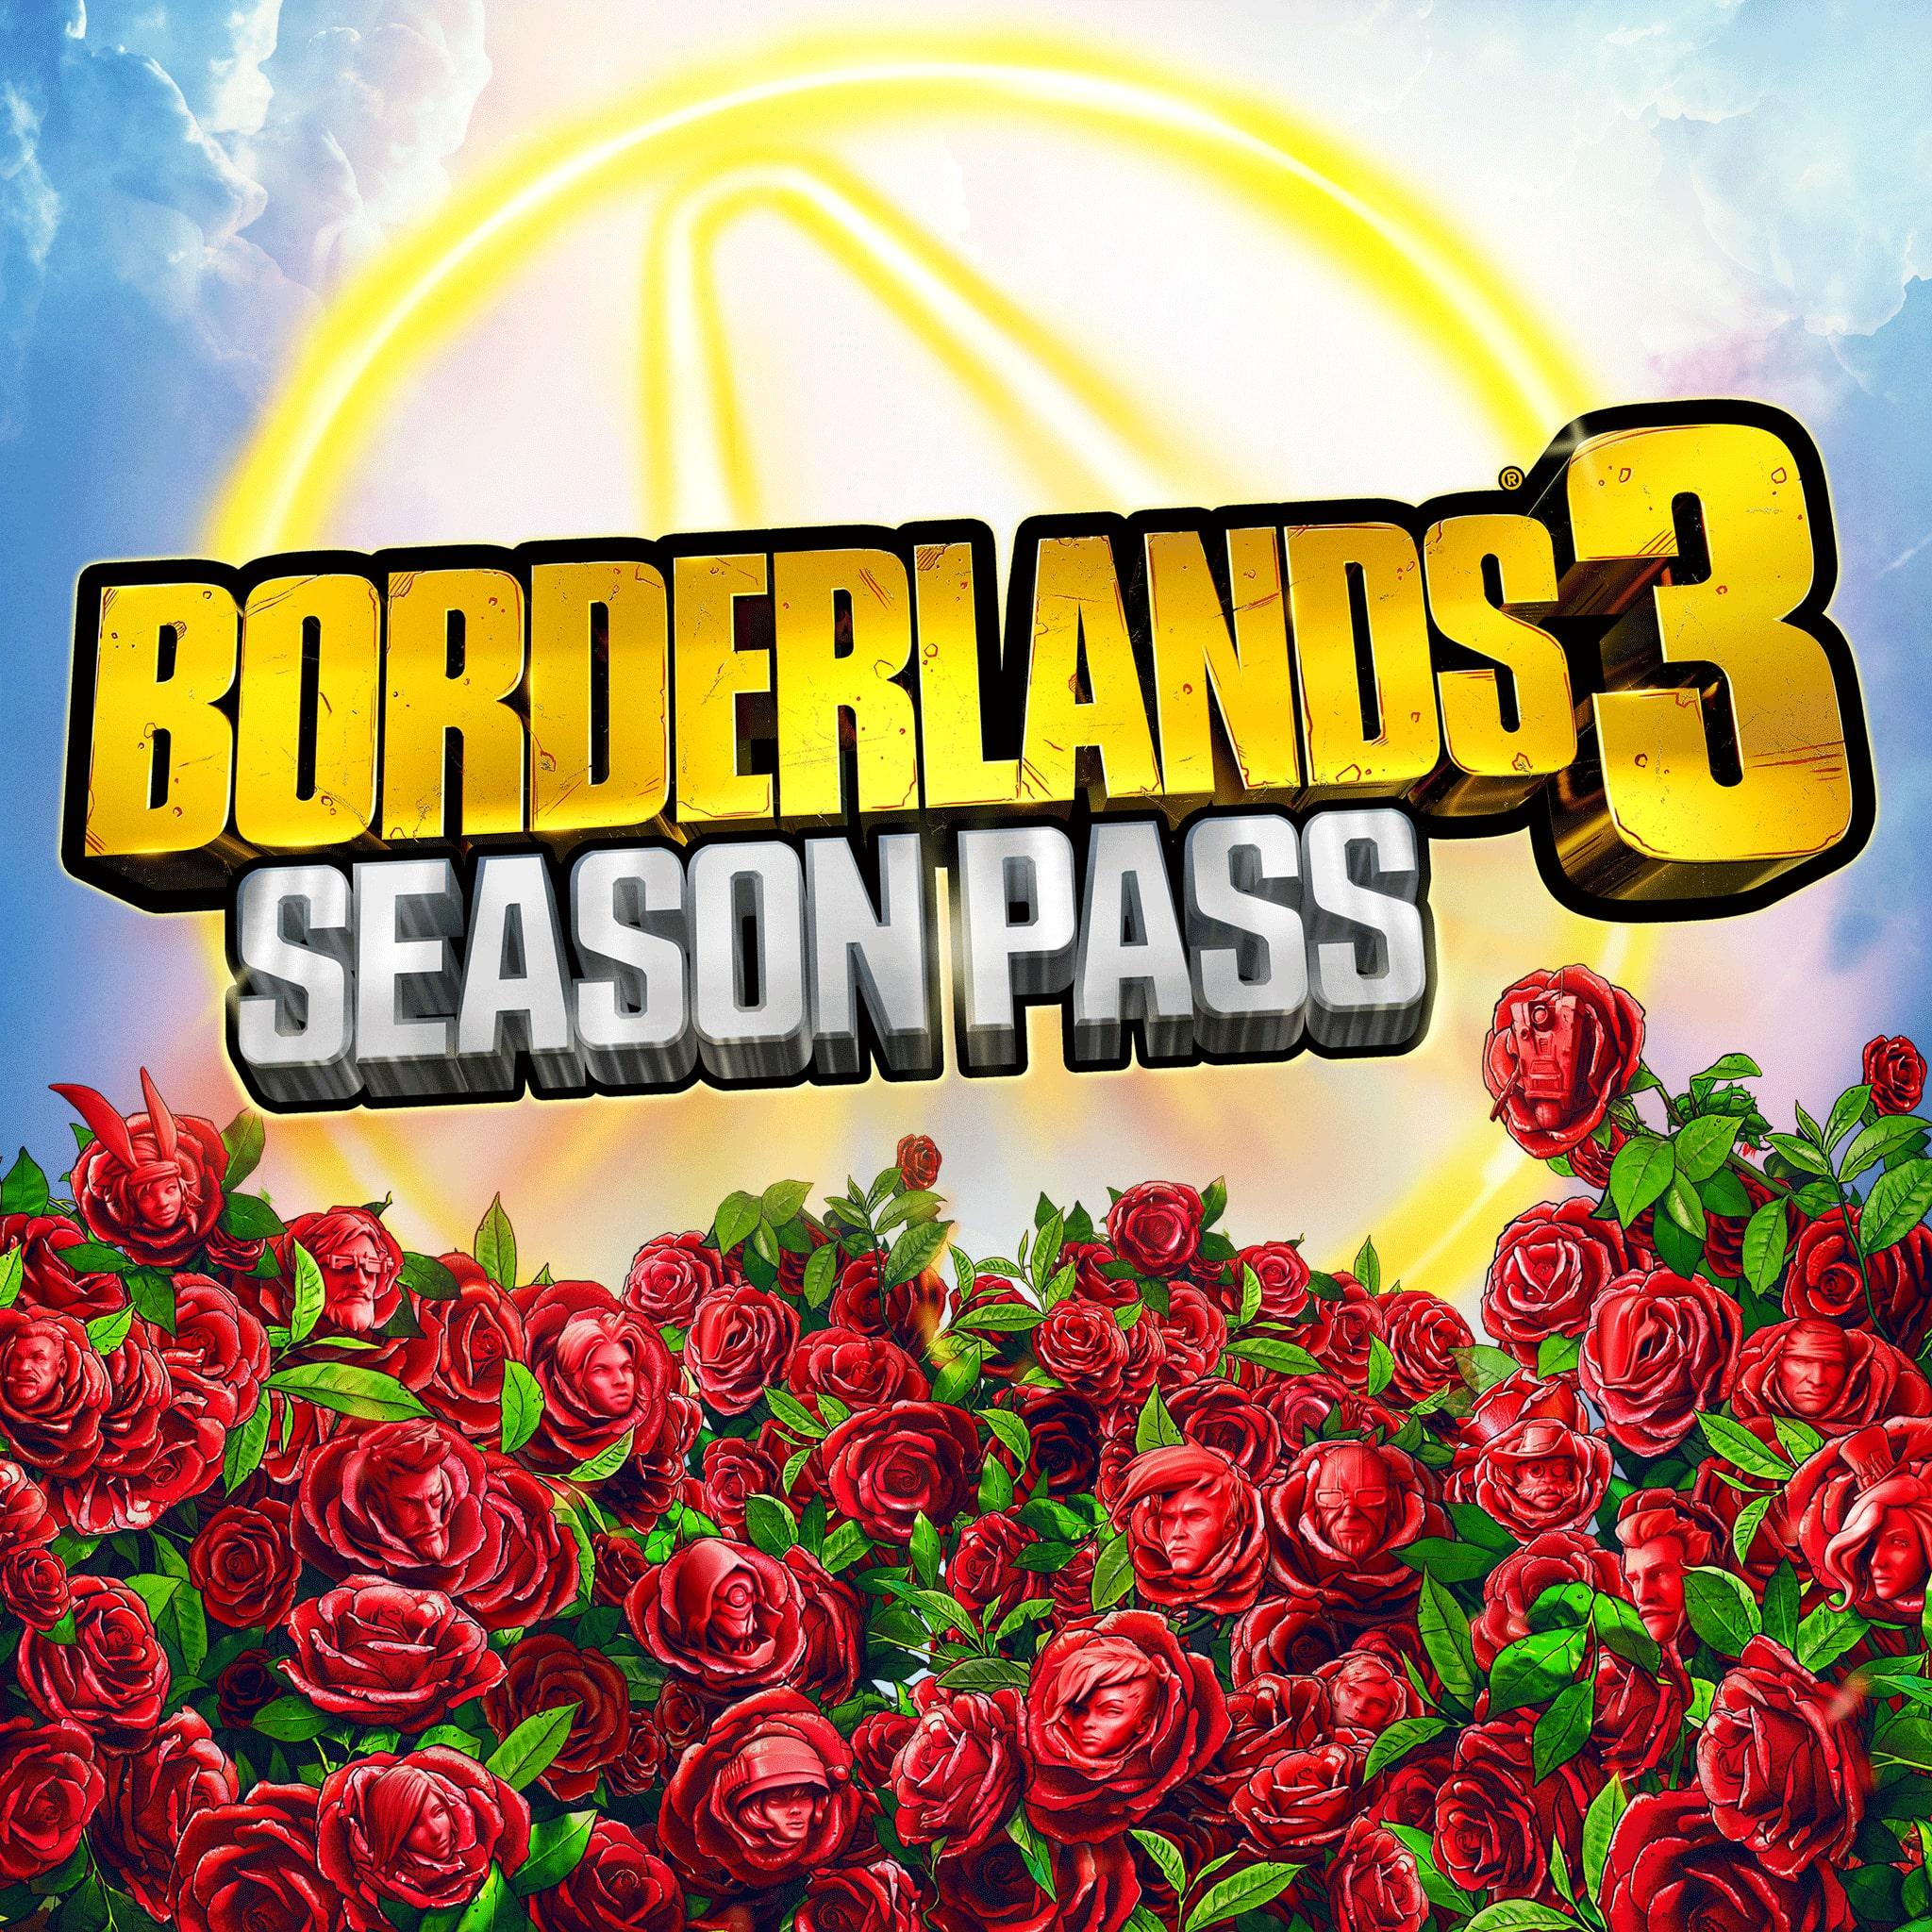 Сезонный абонемент для Borderlands 3